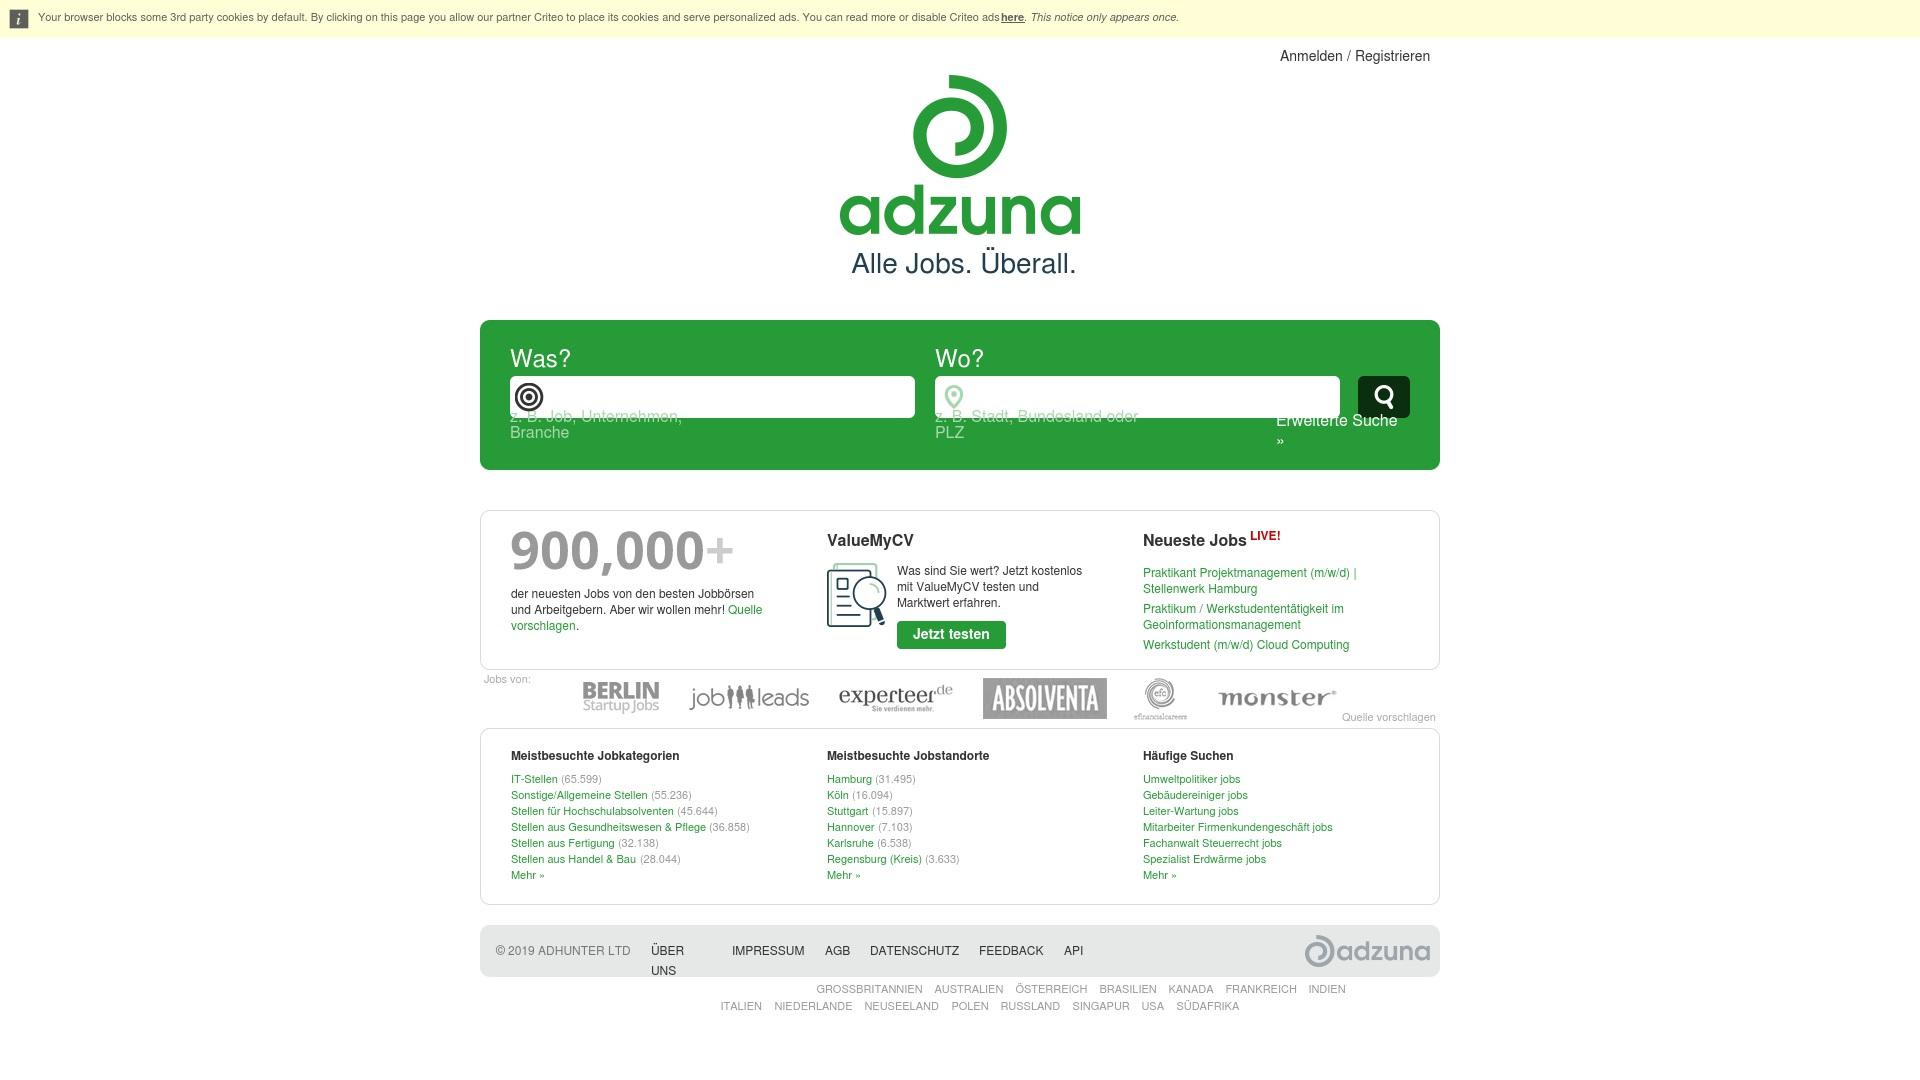 Gutschein für Adzuna: Rabatte für  Adzuna sichern